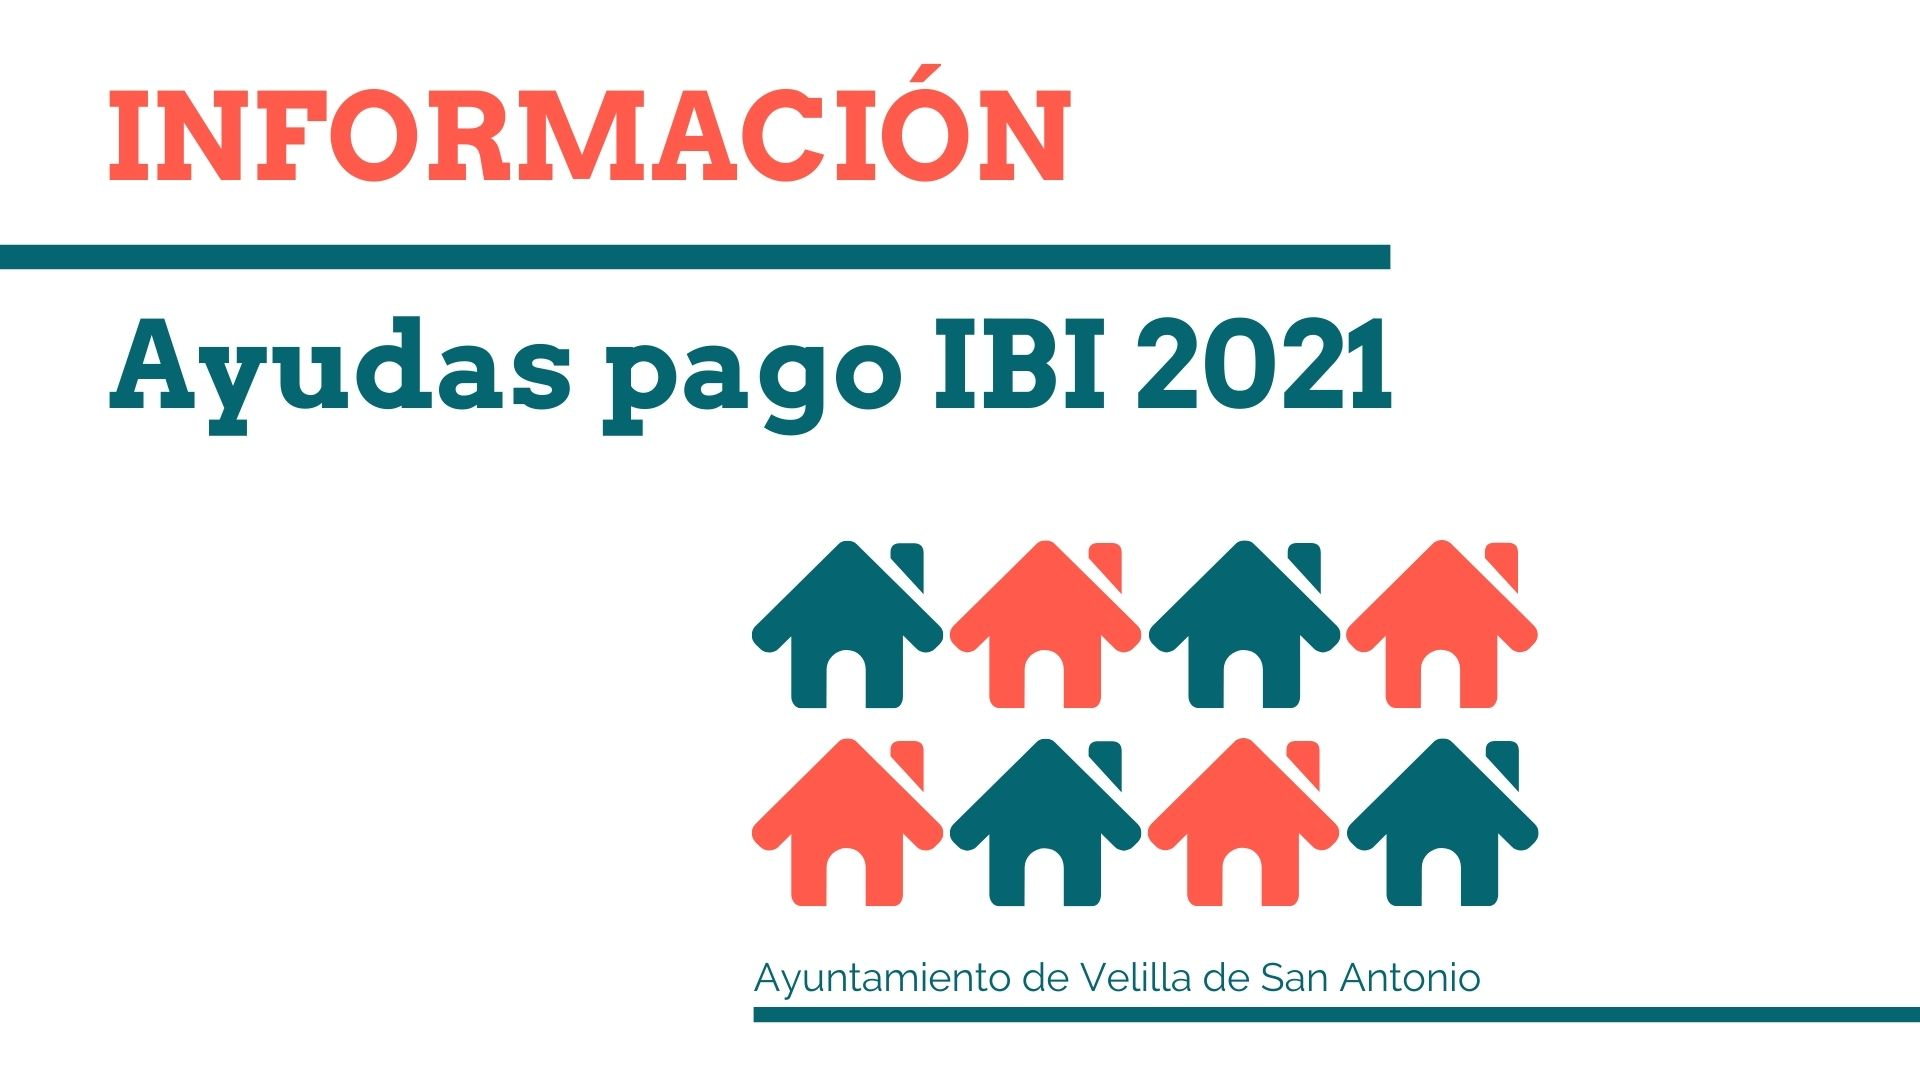 El Ayuntamiento se ve obligado a anular las ayudas al pago del IBI